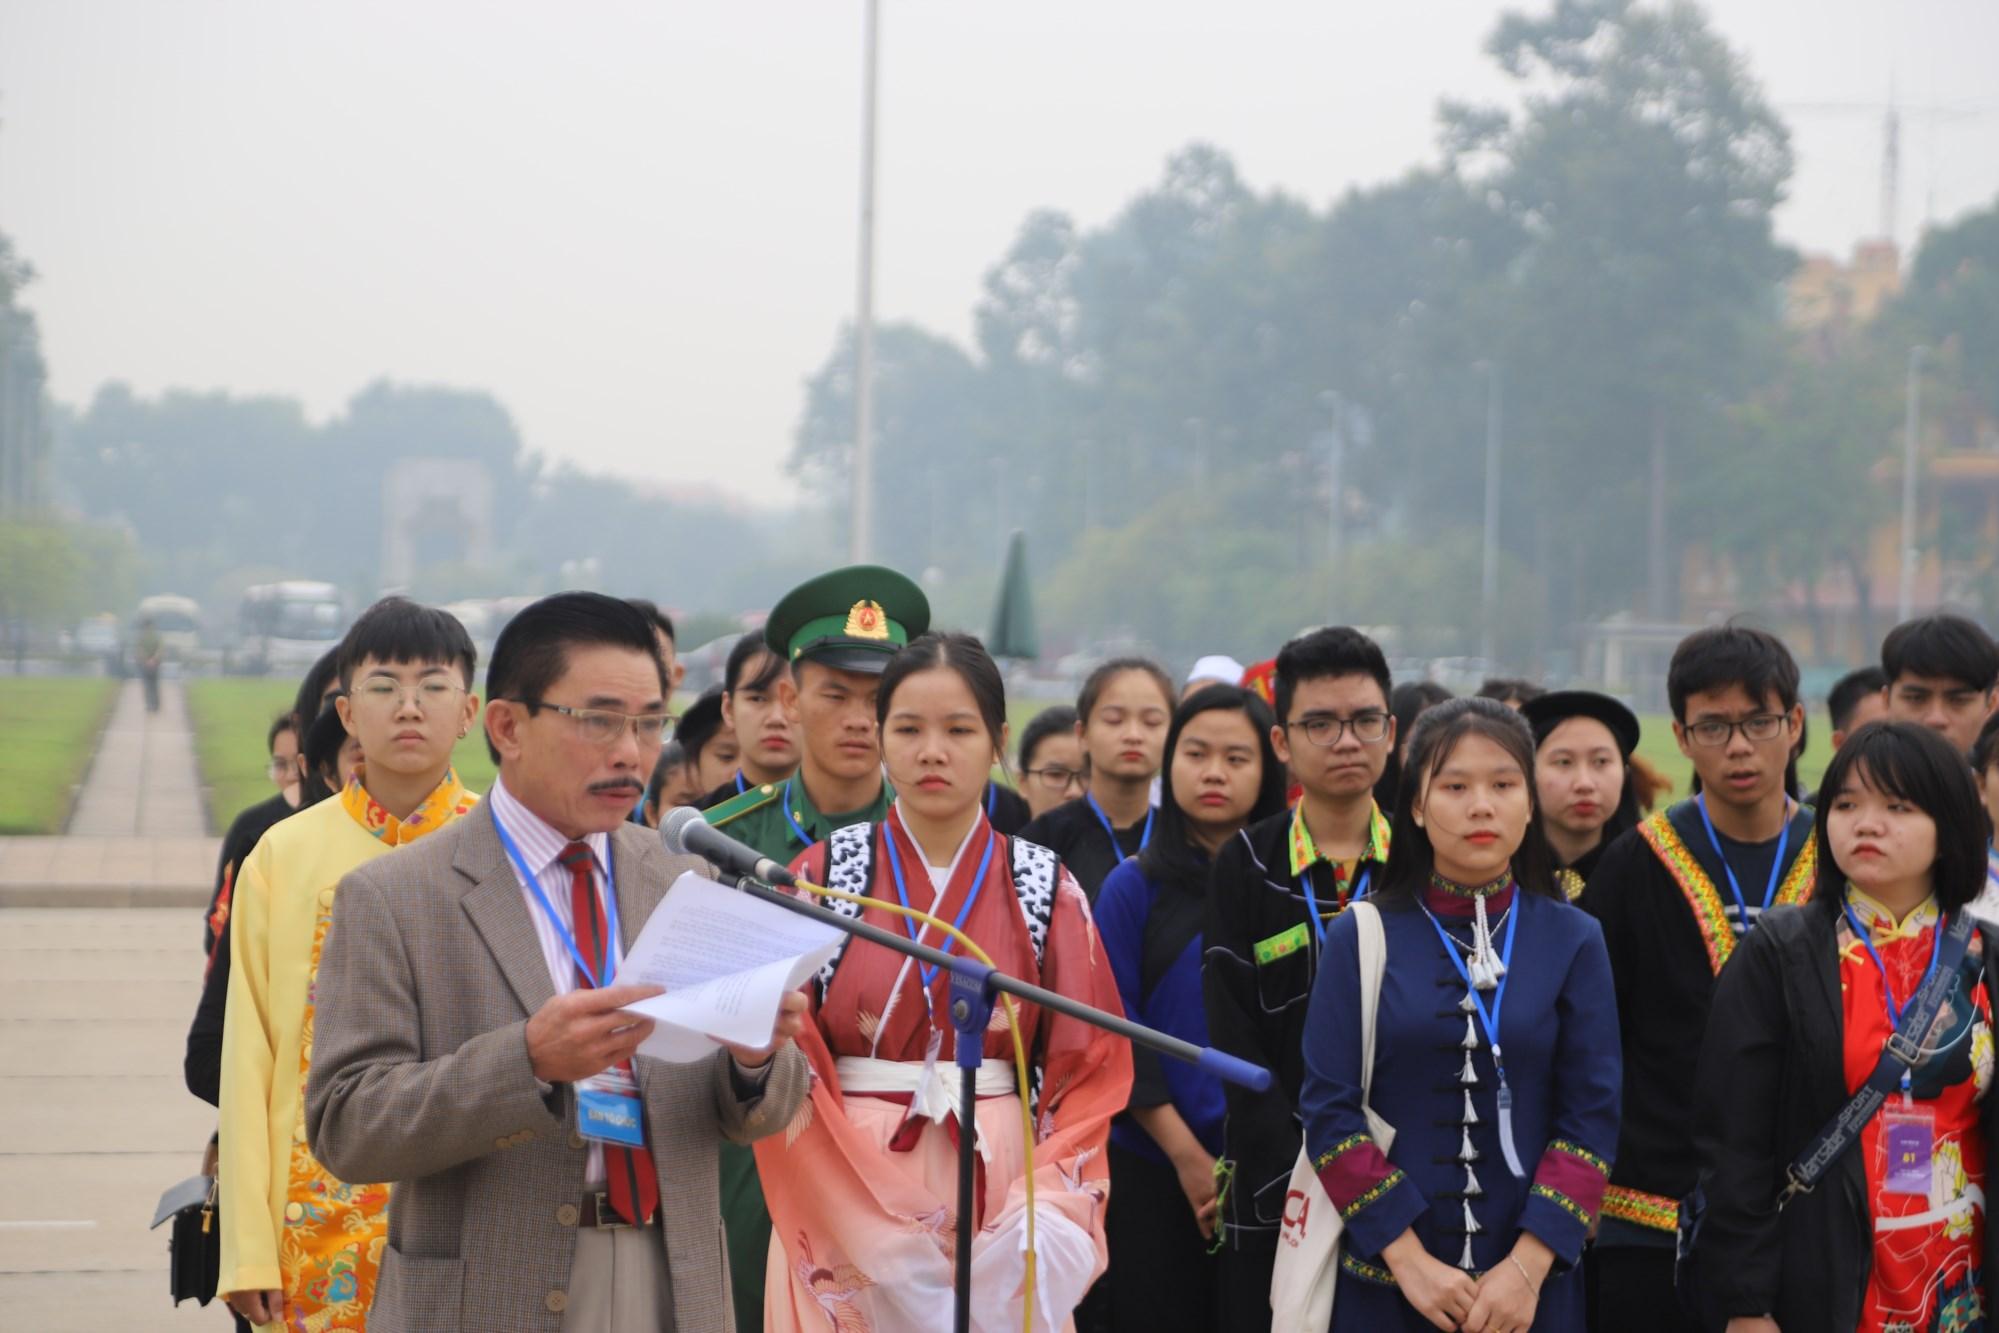 Ông Lê Công Bình, Phó Tổng Biên tập -Phụ trách Báo Dân tộc và Phát triển phát biểu tại Lễ Báo công vào Lăng viếng Bác.